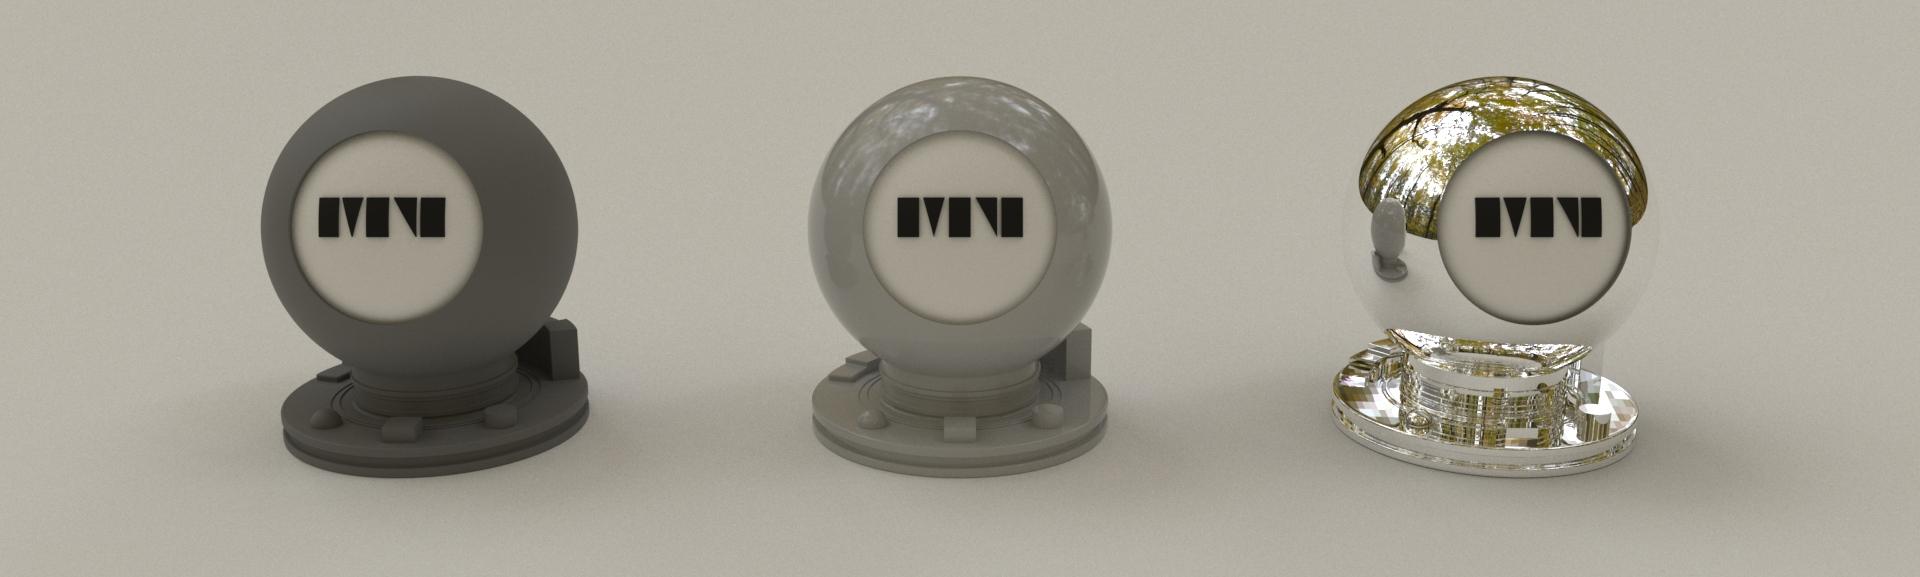 Pano 29 Shader Ball